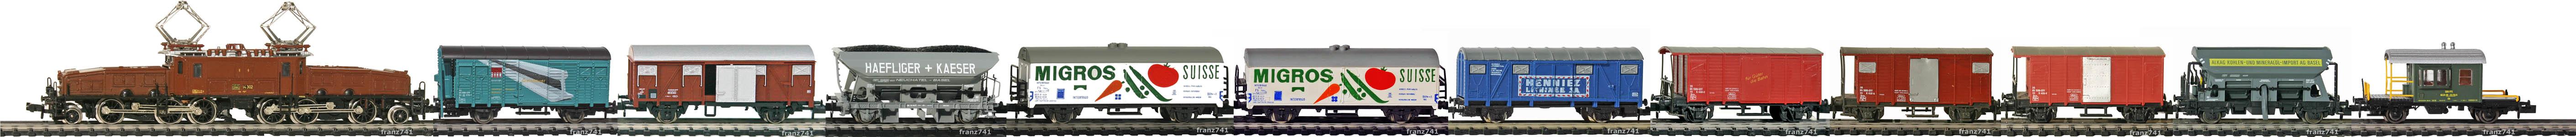 Epoche-III-SBB-FS-Gueterzug_Ce-6-8-III-Elok-gemischte-Gueterwagen